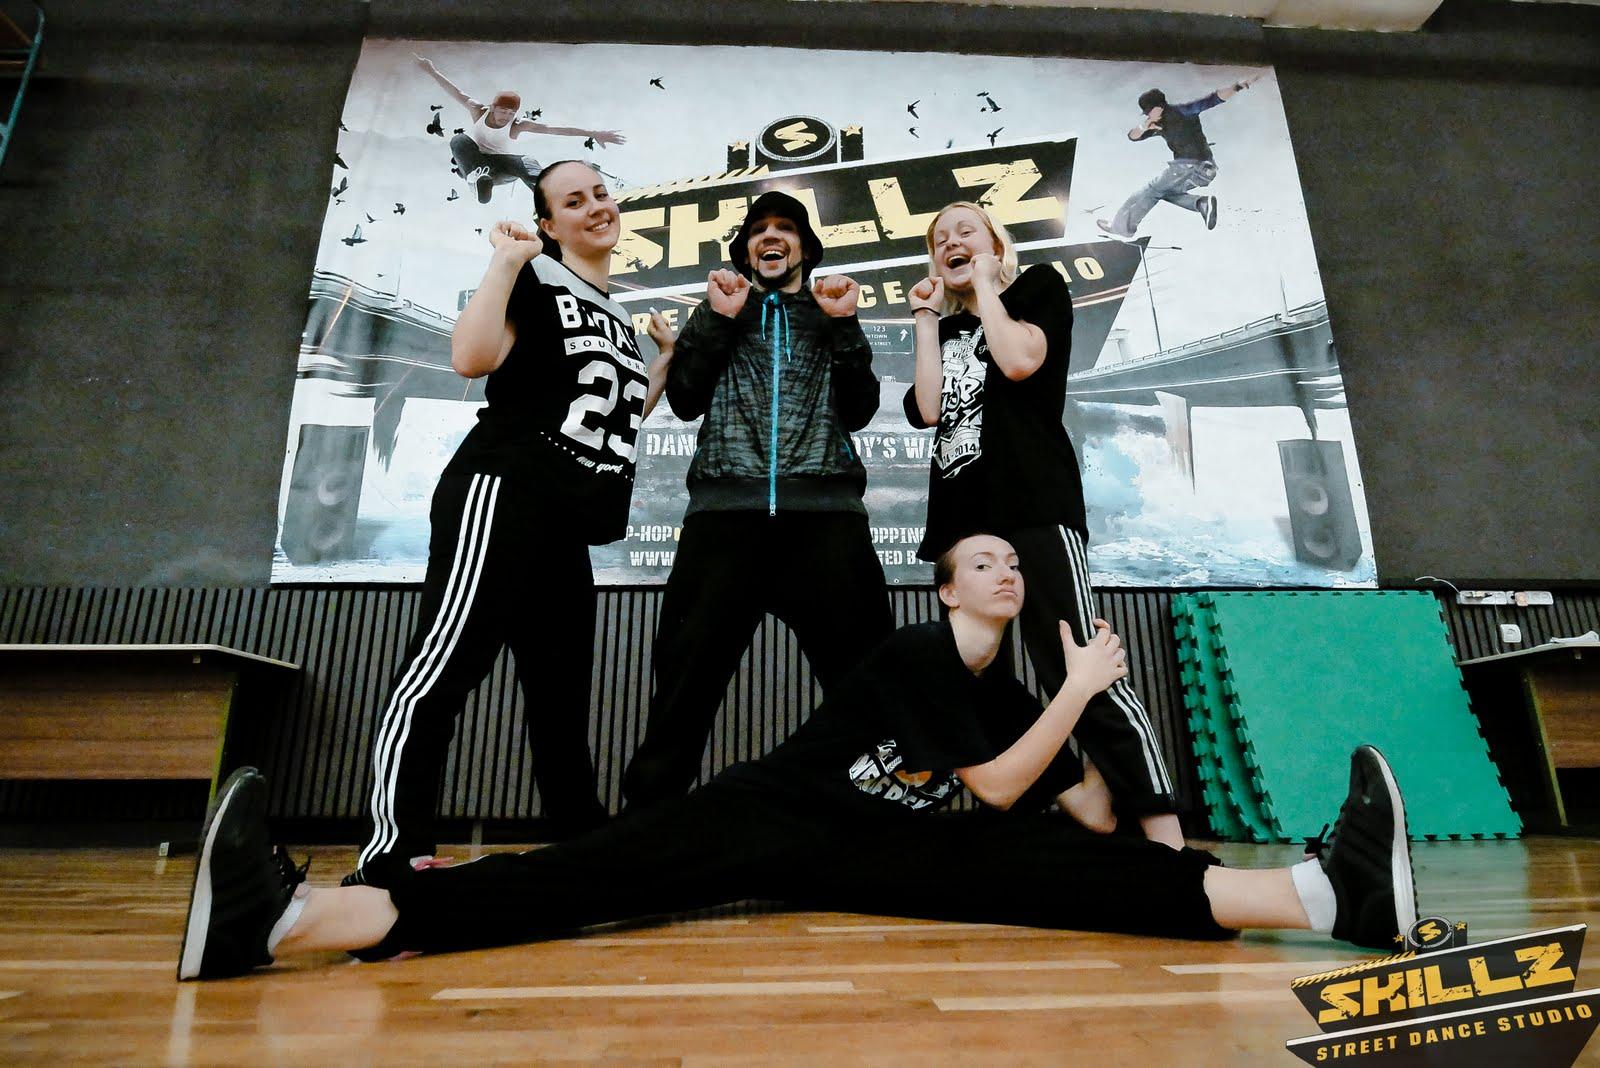 Hip hop seminaras su Jeka iš Maskvos - _1050281.jpg